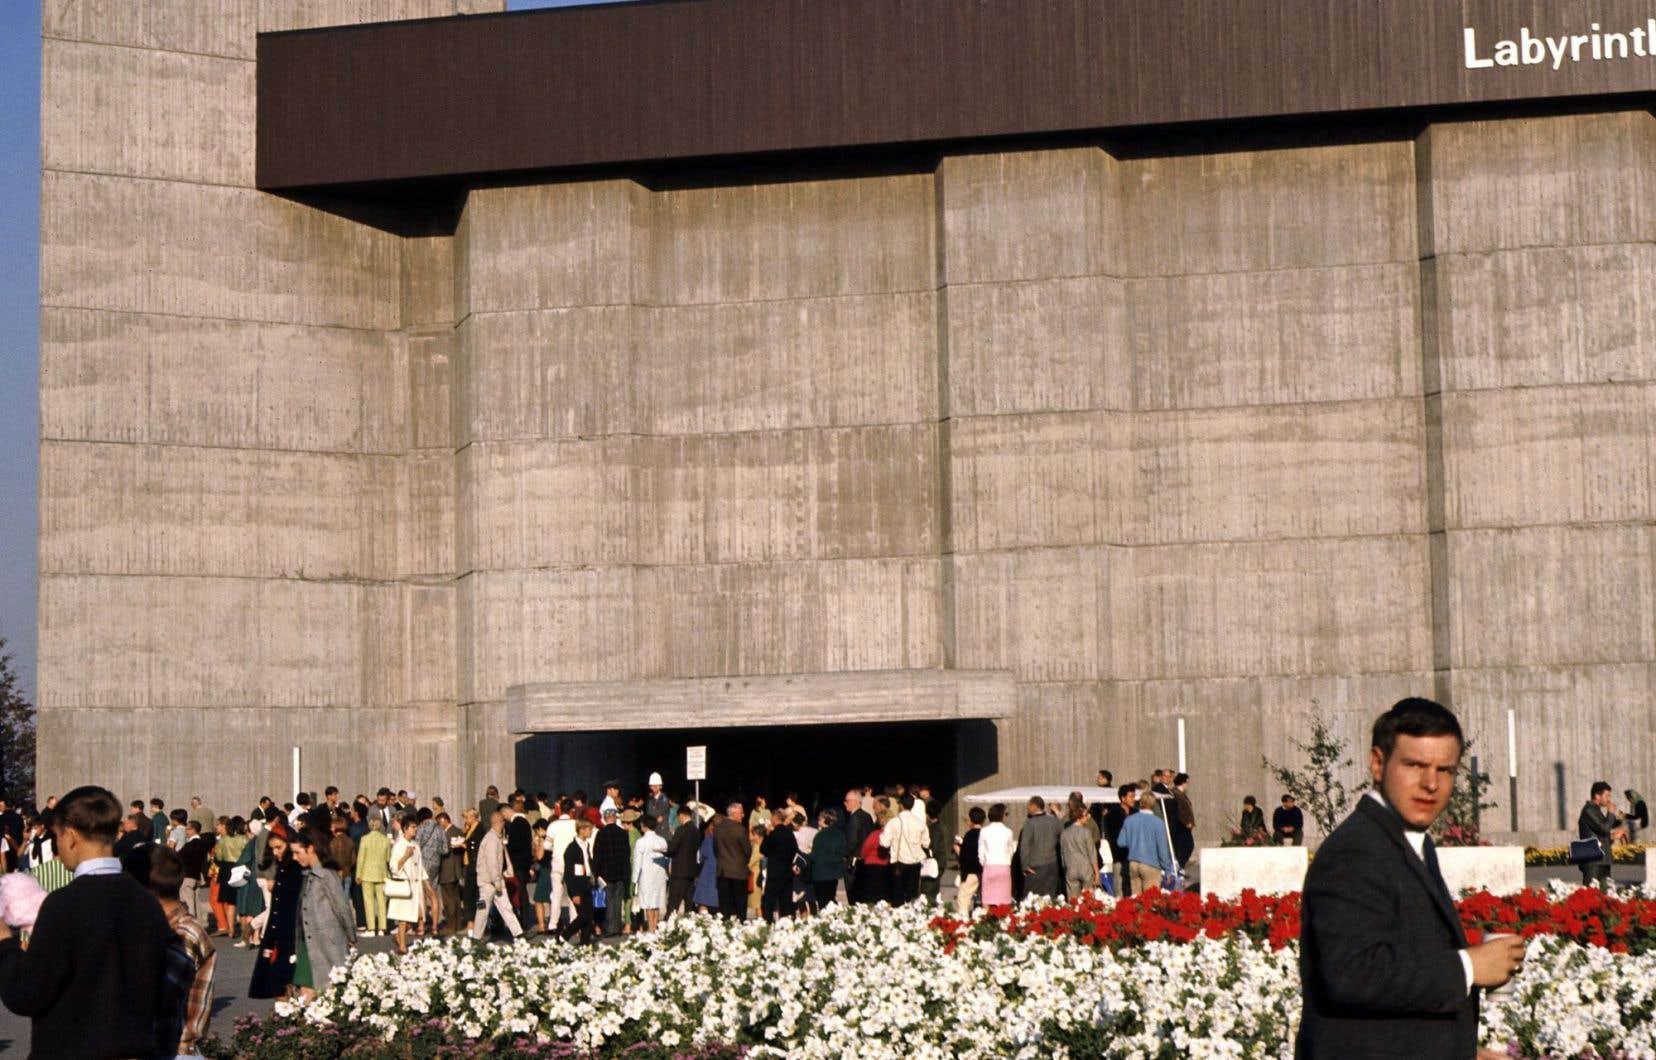 L'ONF avait son propre pavillon, surnommé «Le labyrinthe», très populaire.